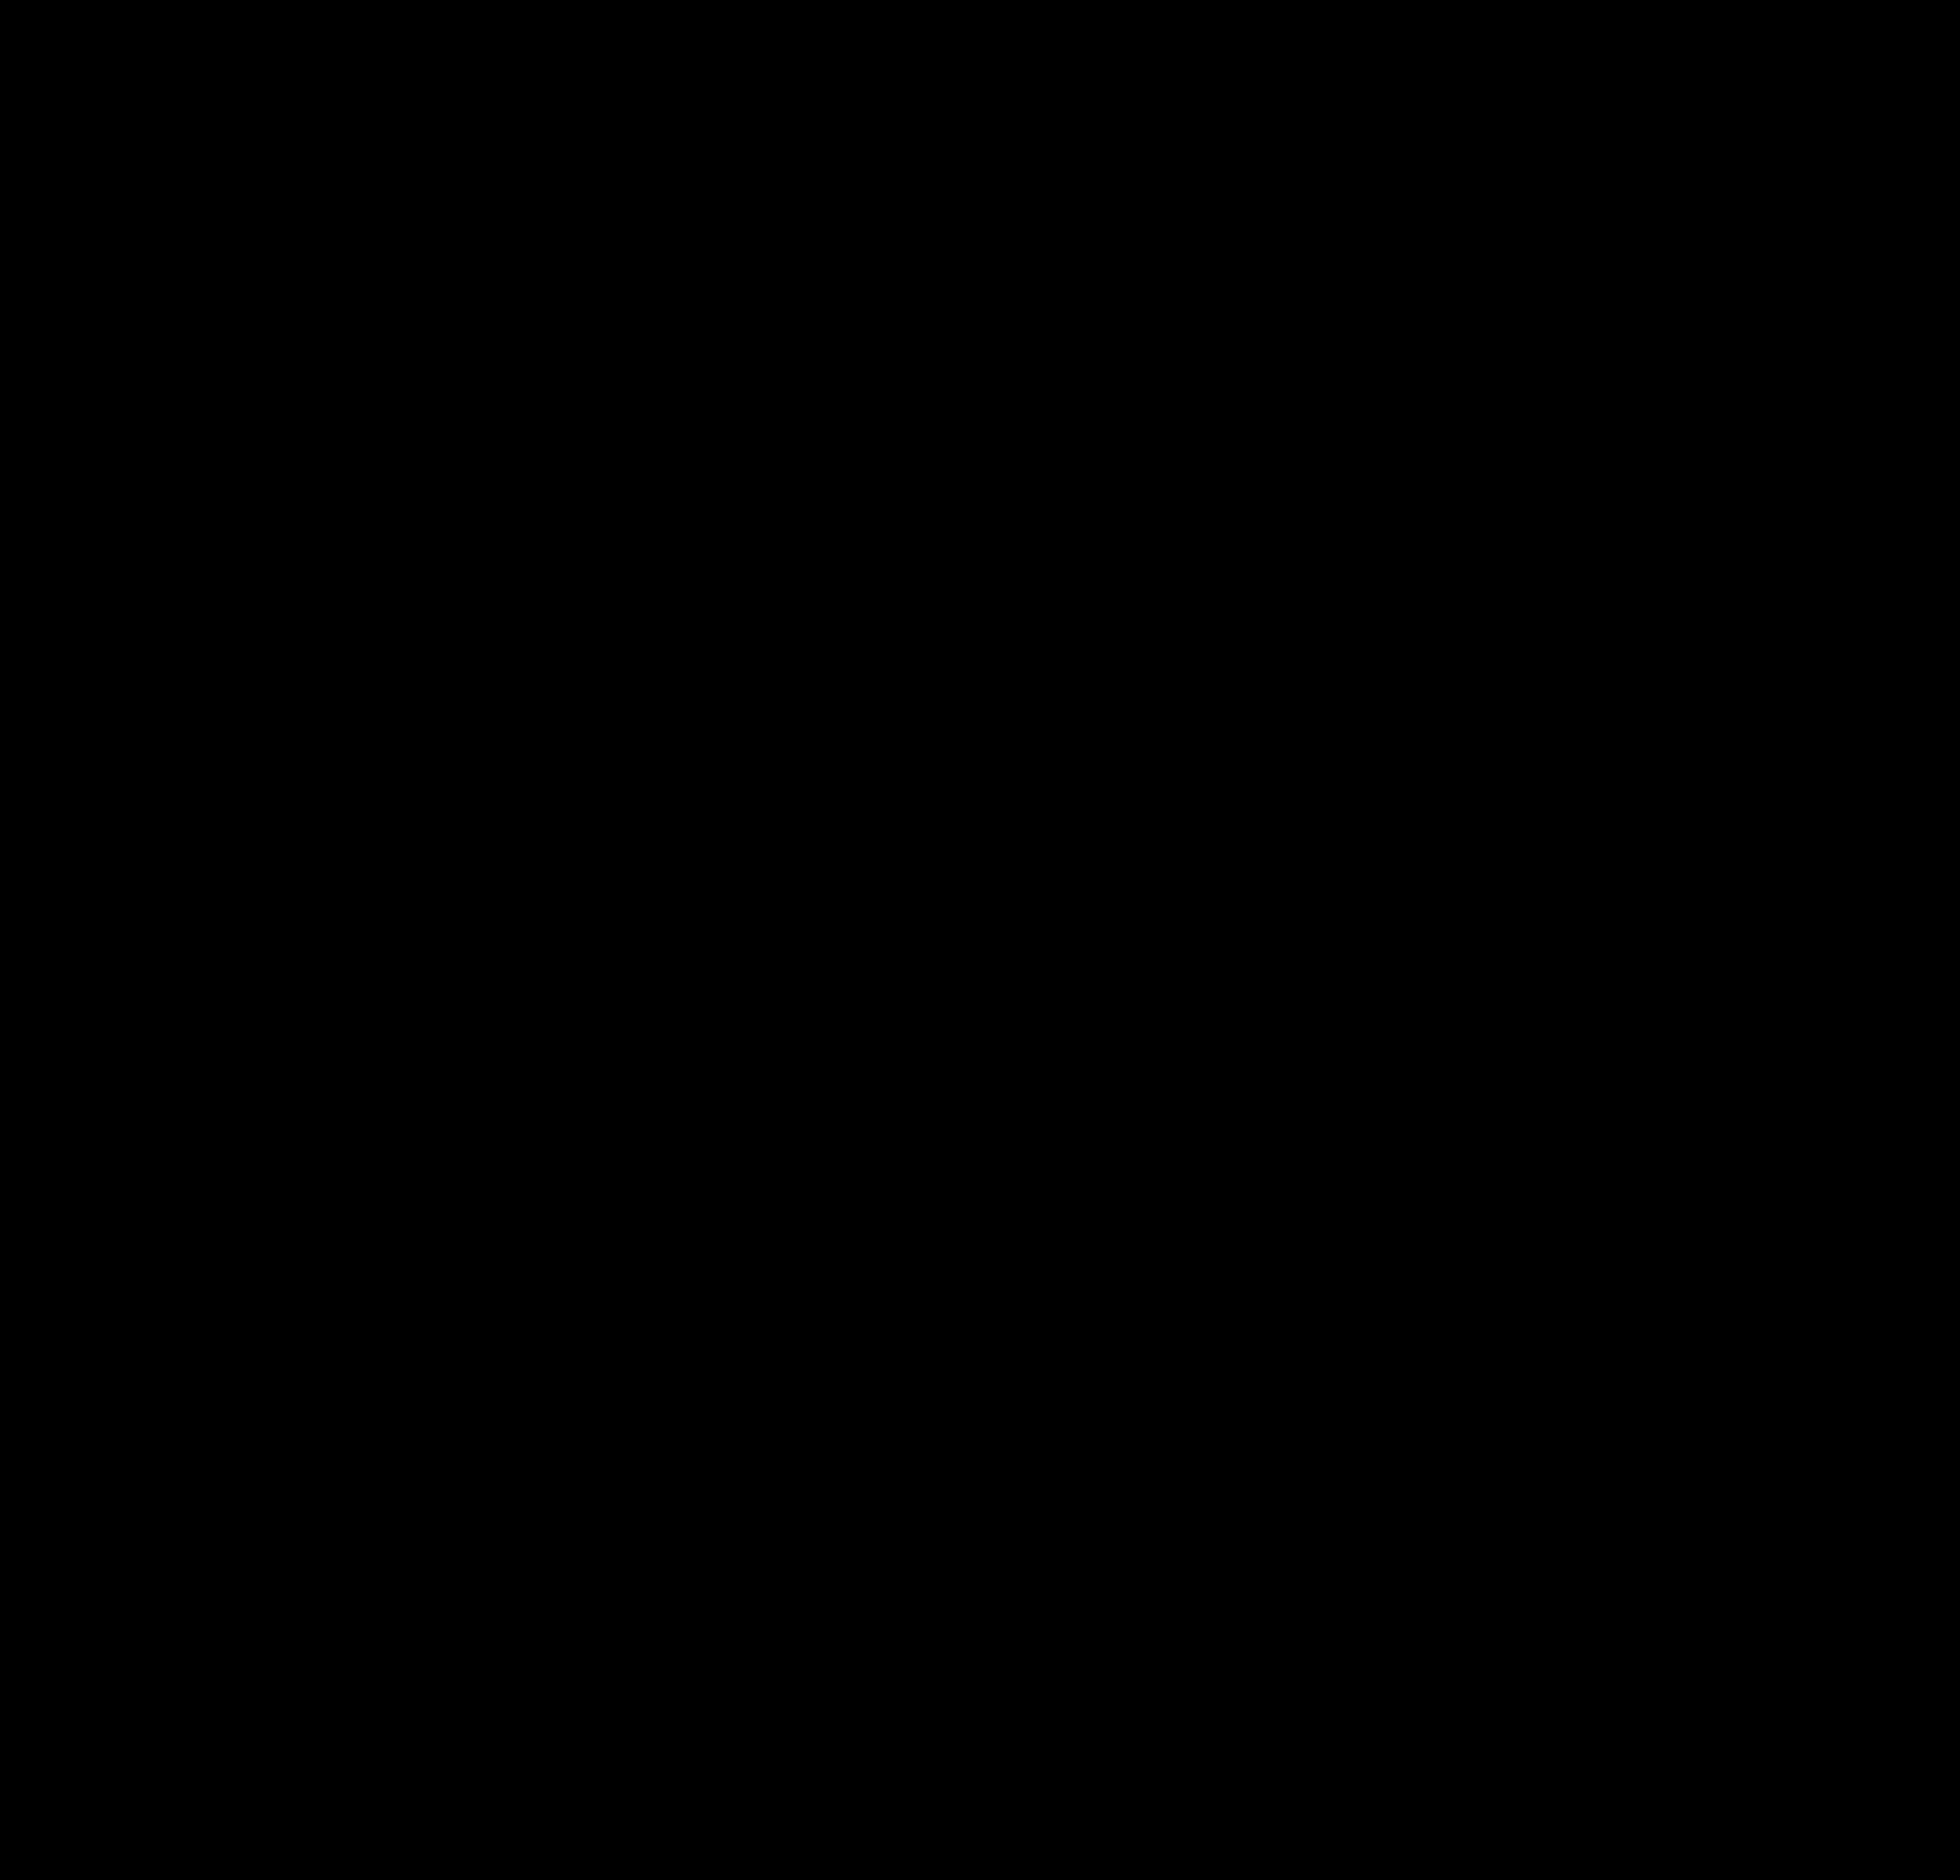 Wir haben Deutsch